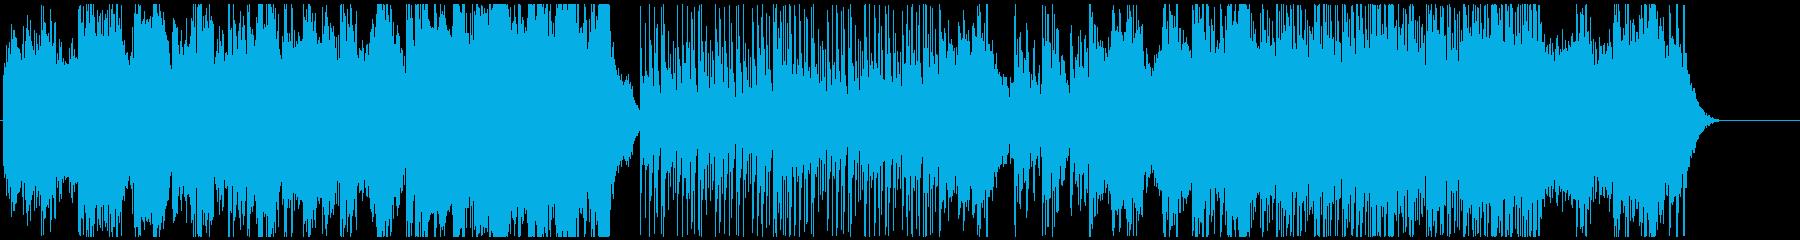 現代的 交響曲 広い 壮大 荘厳 ...の再生済みの波形